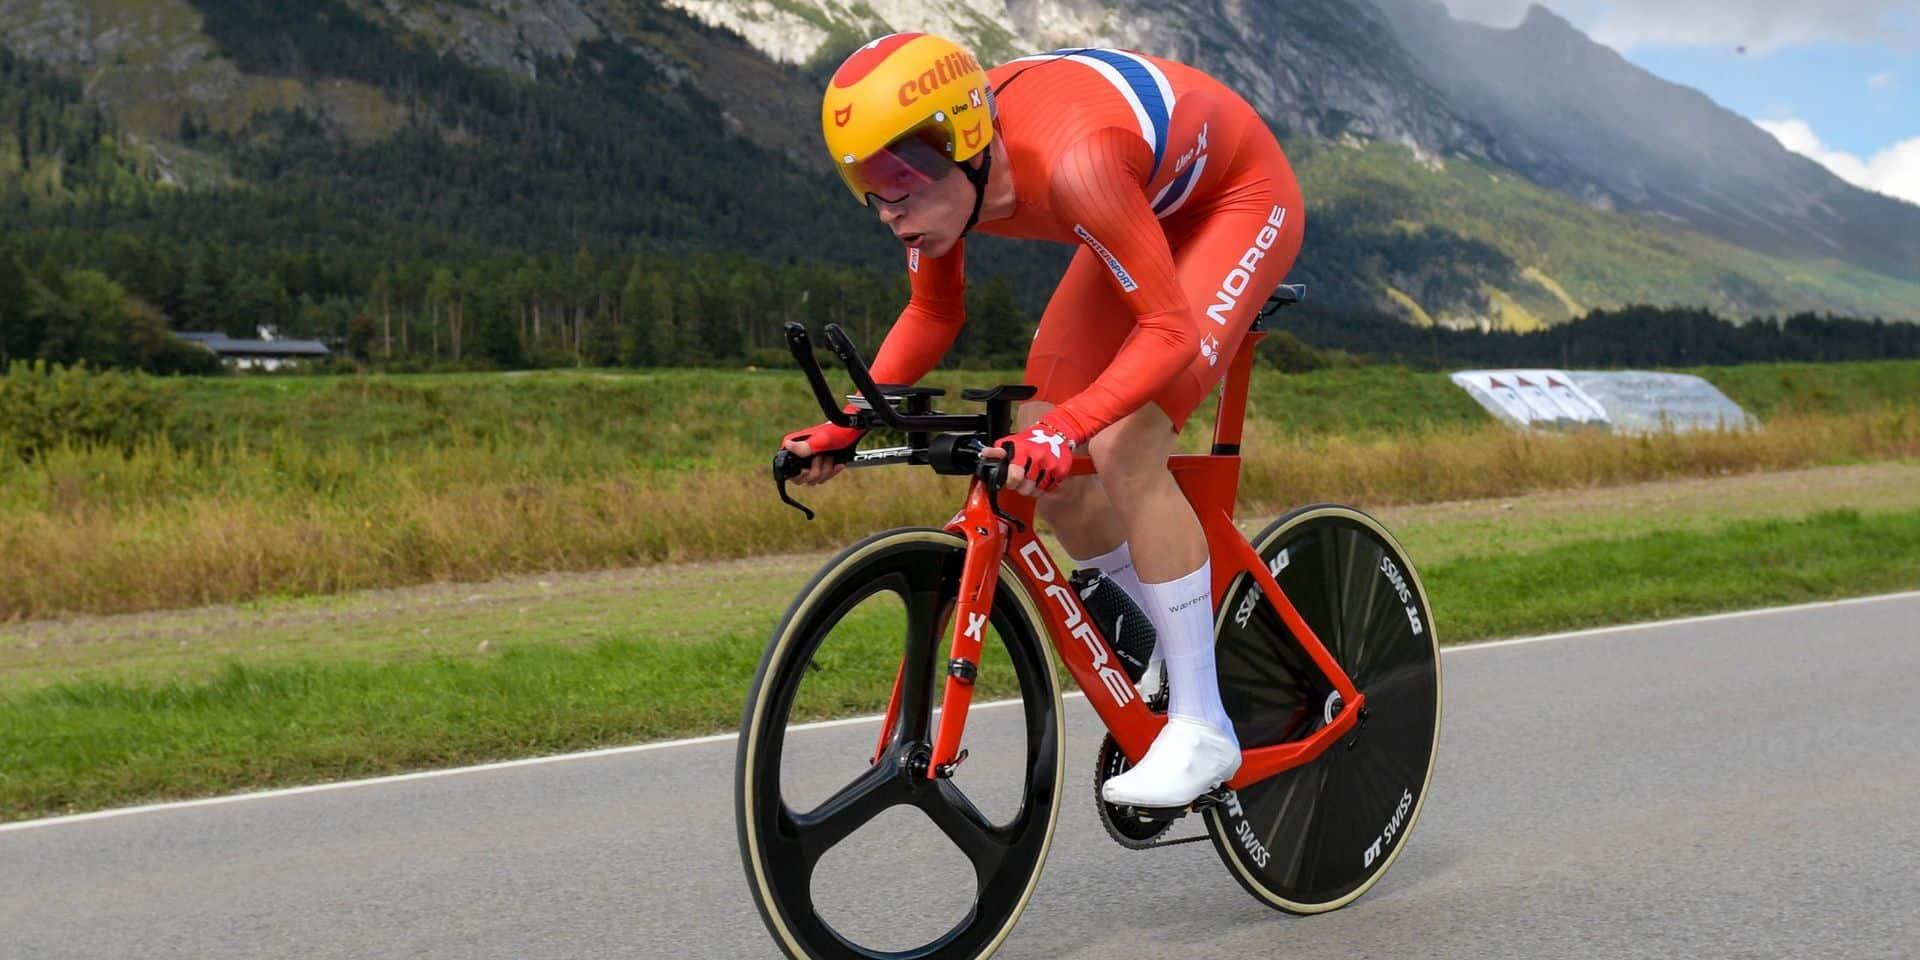 En Norvège, une course secrète remportée par Leknessund devant Tobias Foss, Boasson Hagen 6e